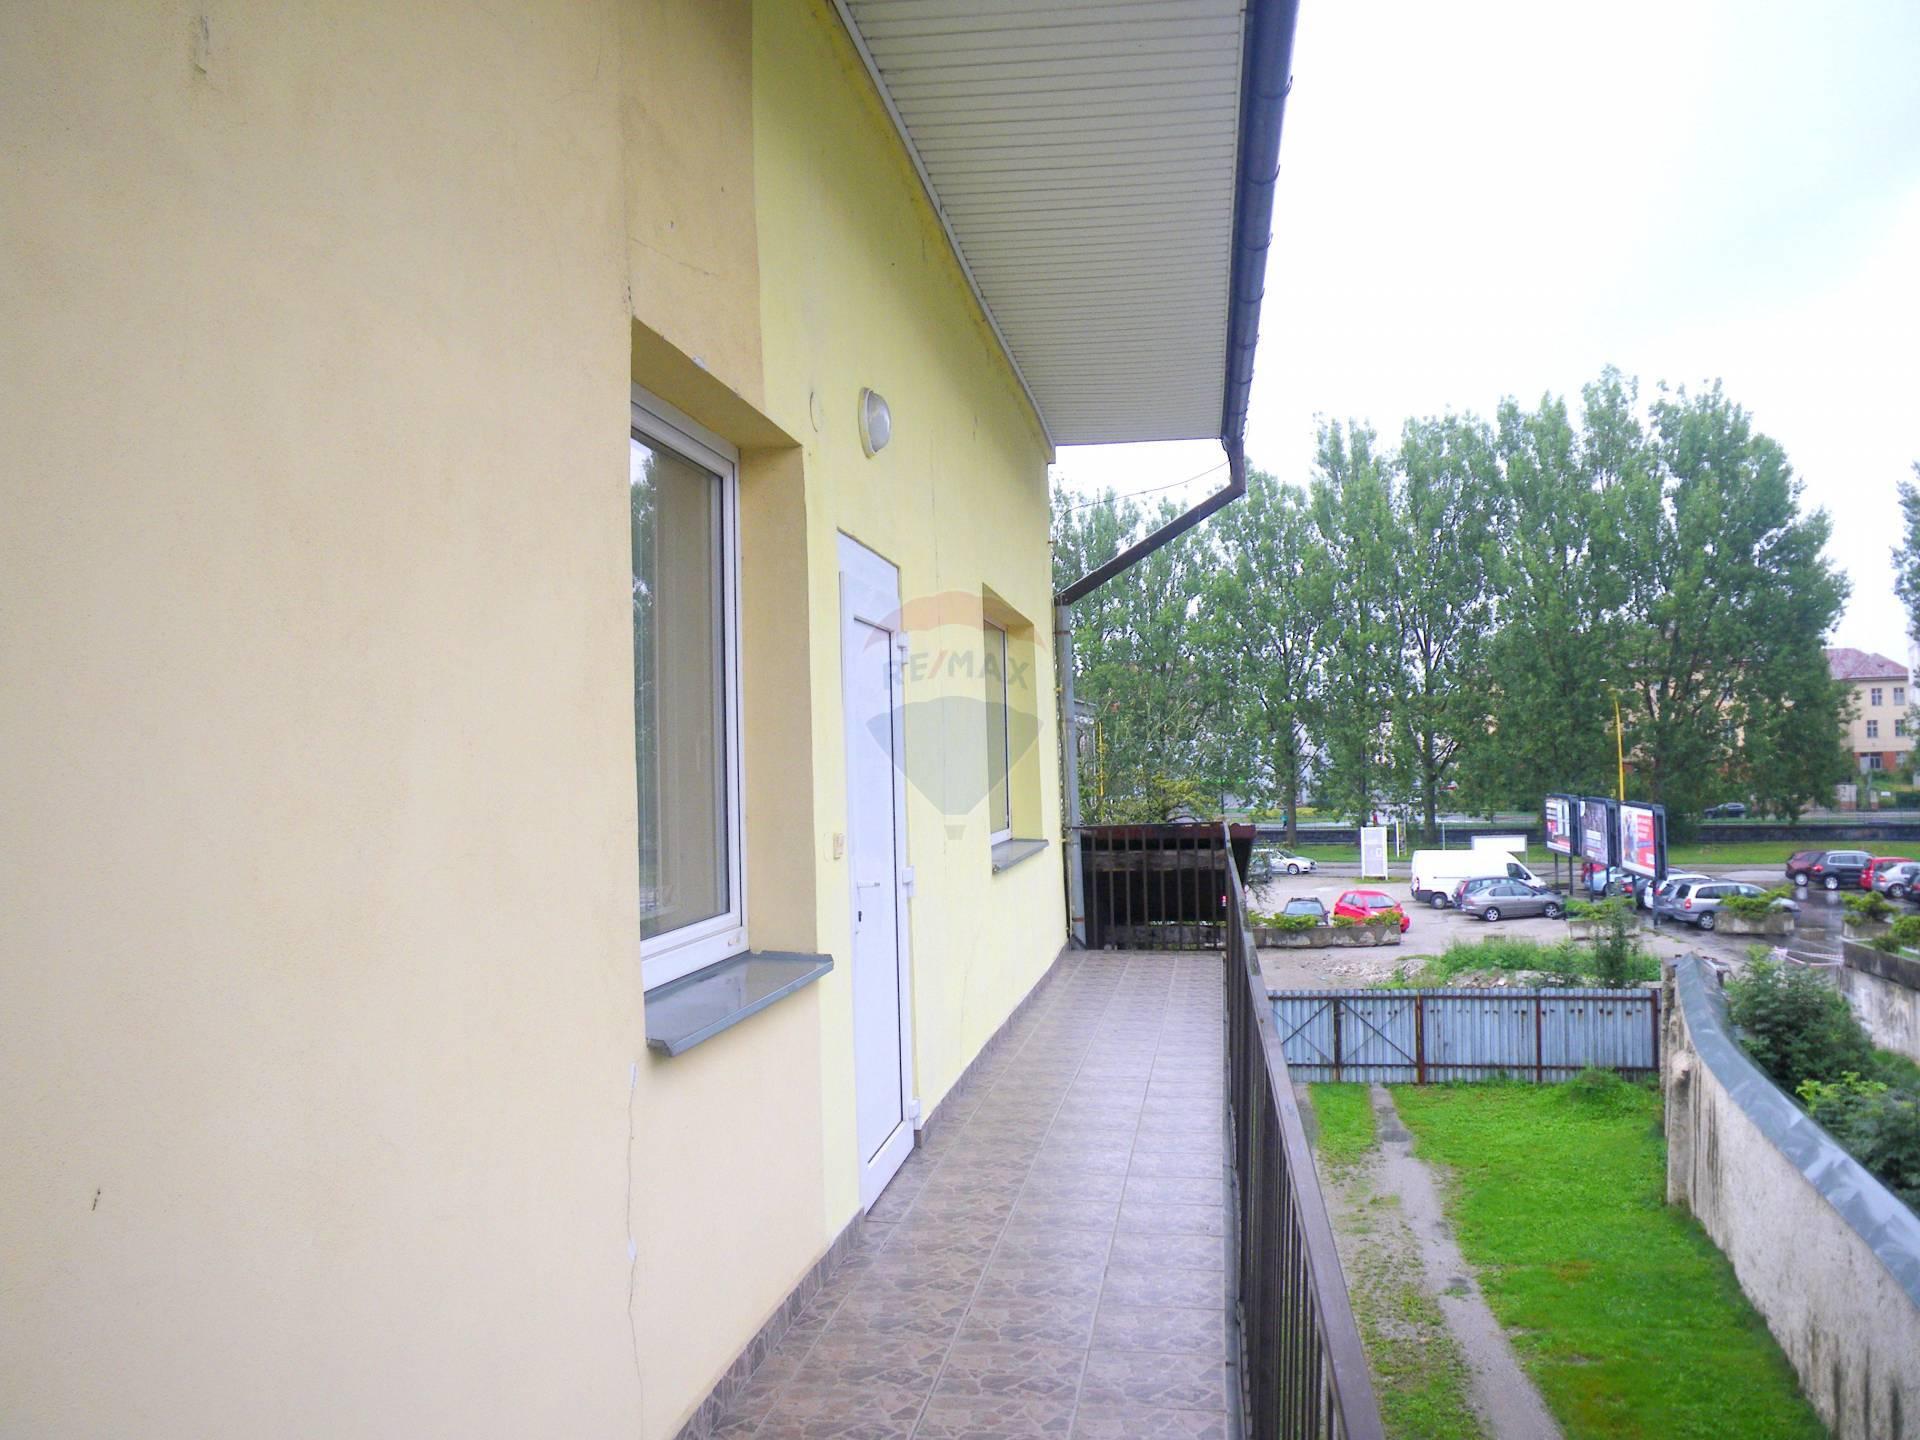 NA PRENÁJOM - komerčný priestor ( 62,4 m2), Ružomberok -Podhora